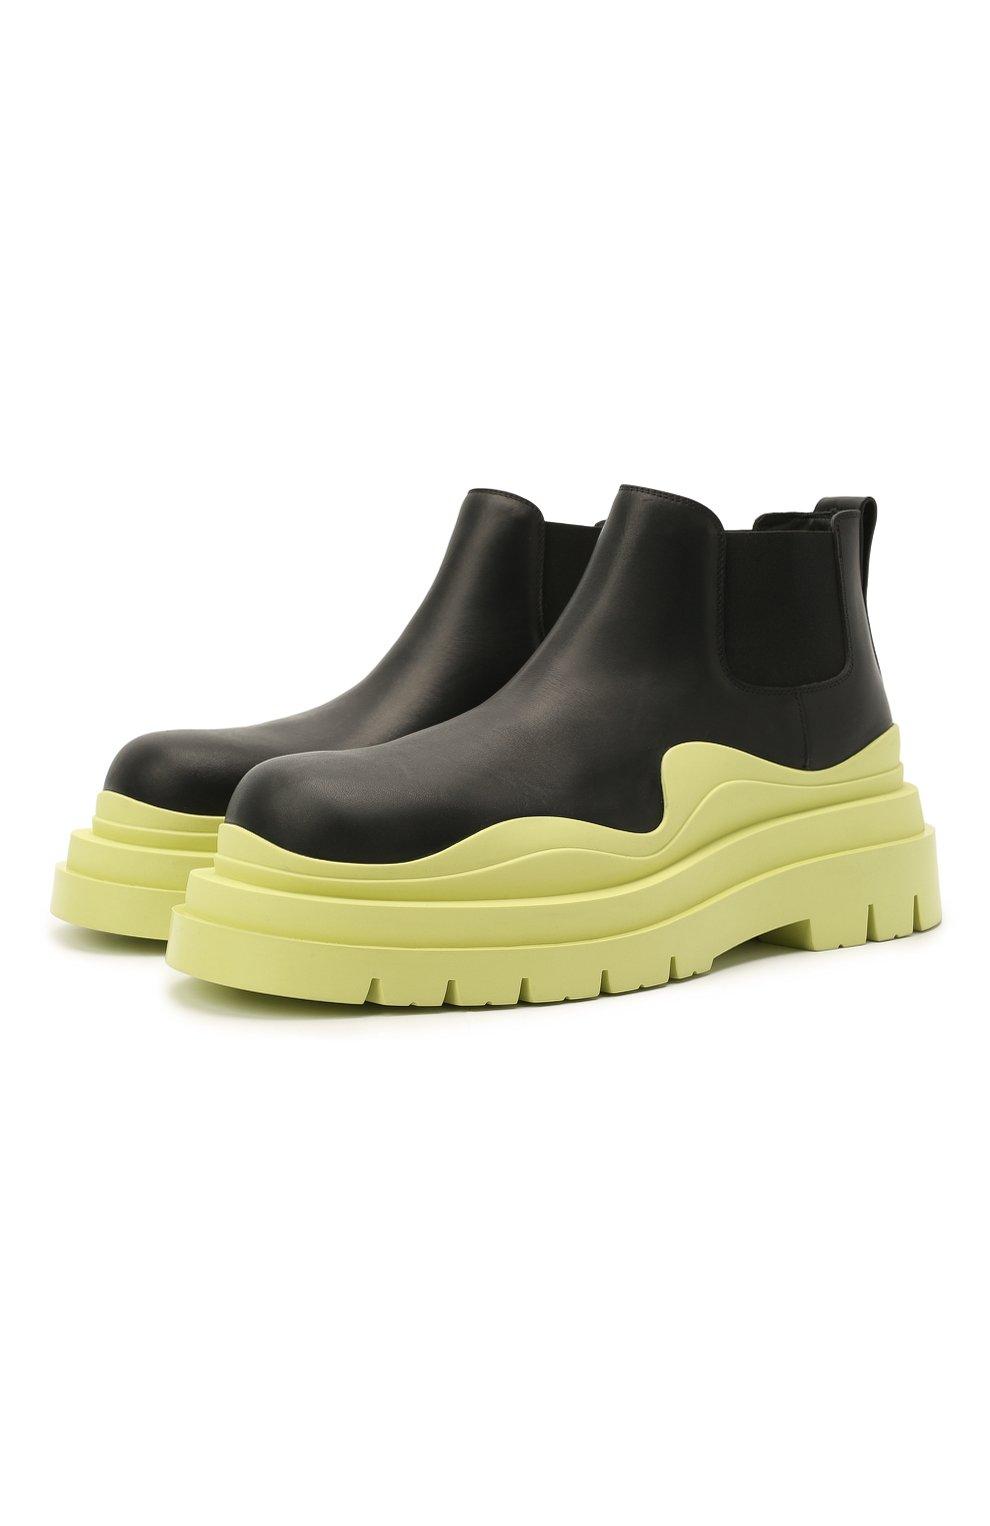 Мужские кожаные челси tire BOTTEGA VENETA светло-зеленого цвета, арт. 630281/VBS50 | Фото 1 (Каблук высота: Высокий; Материал внутренний: Натуральная кожа; Подошва: Массивная; Мужское Кросс-КТ: Сапоги-обувь, Челси-обувь)